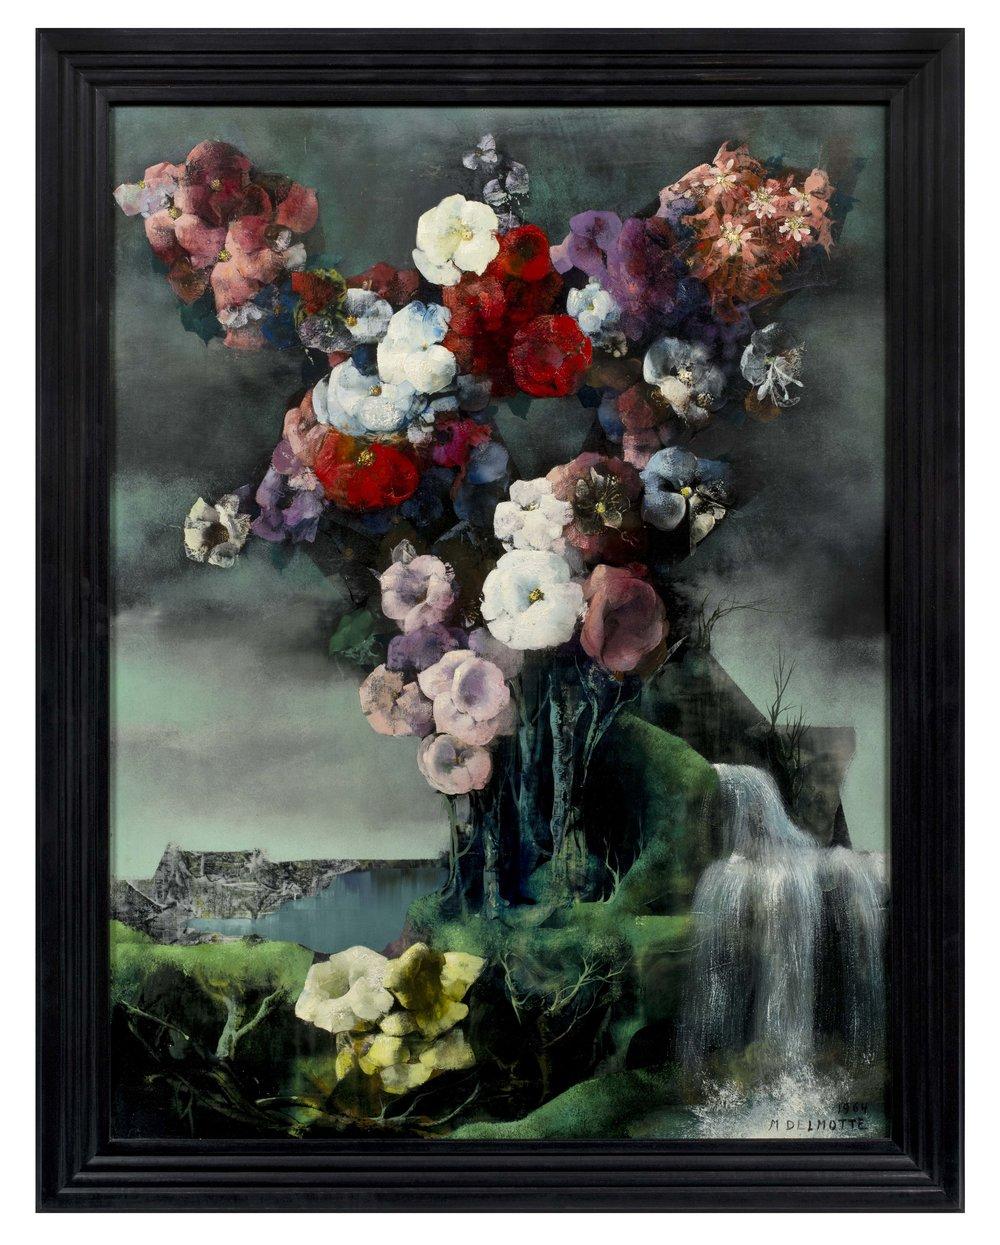 Delmotte Floral Medium.jpg